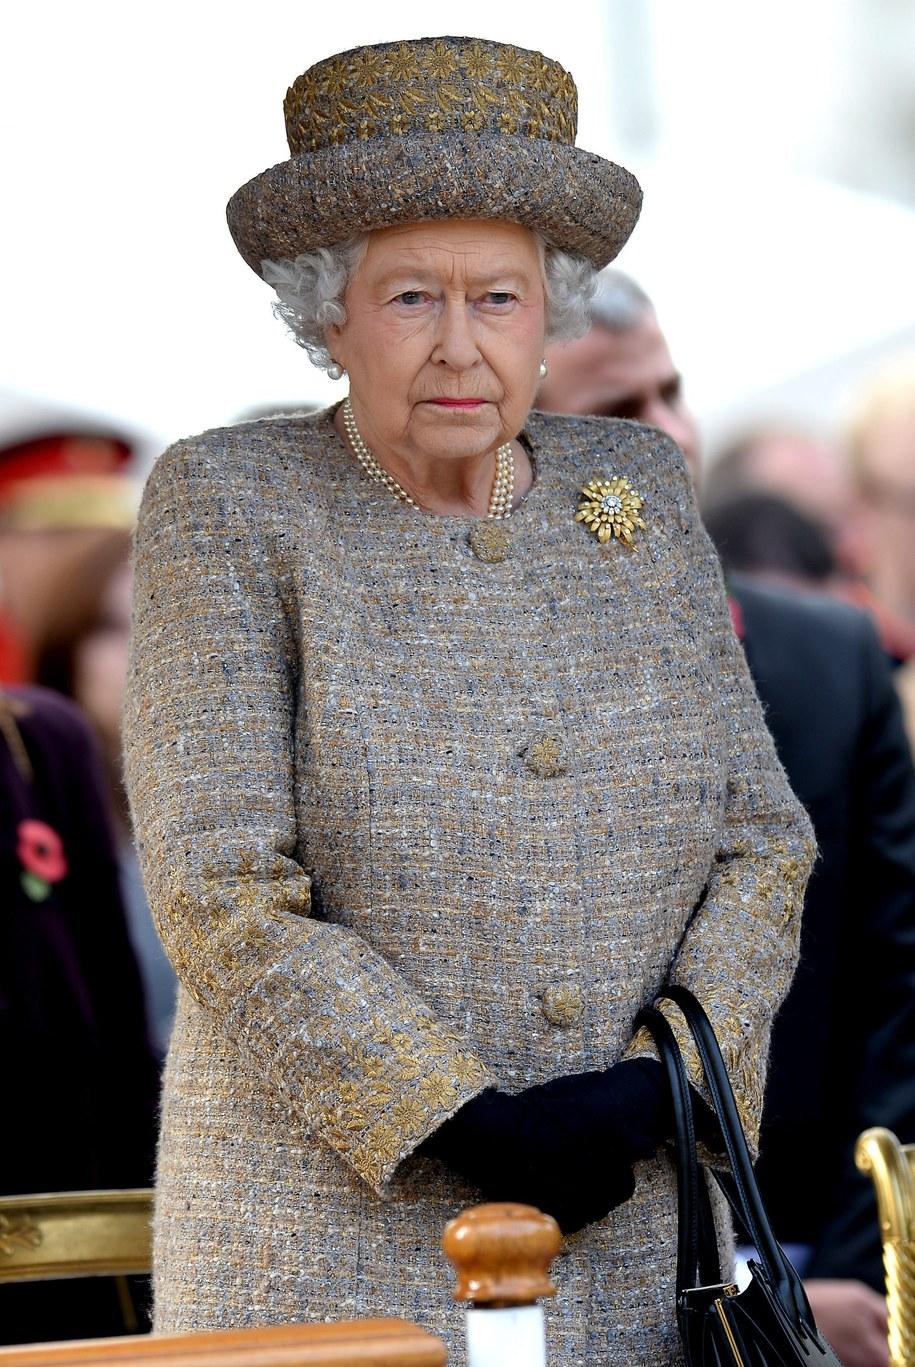 W uroczystościach ma wziąć udział królowa Elżbieta II /SERGEANT RUPERT FRERE RLC / BRITISH MINISTRY OF DEFENCE /PAP/EPA